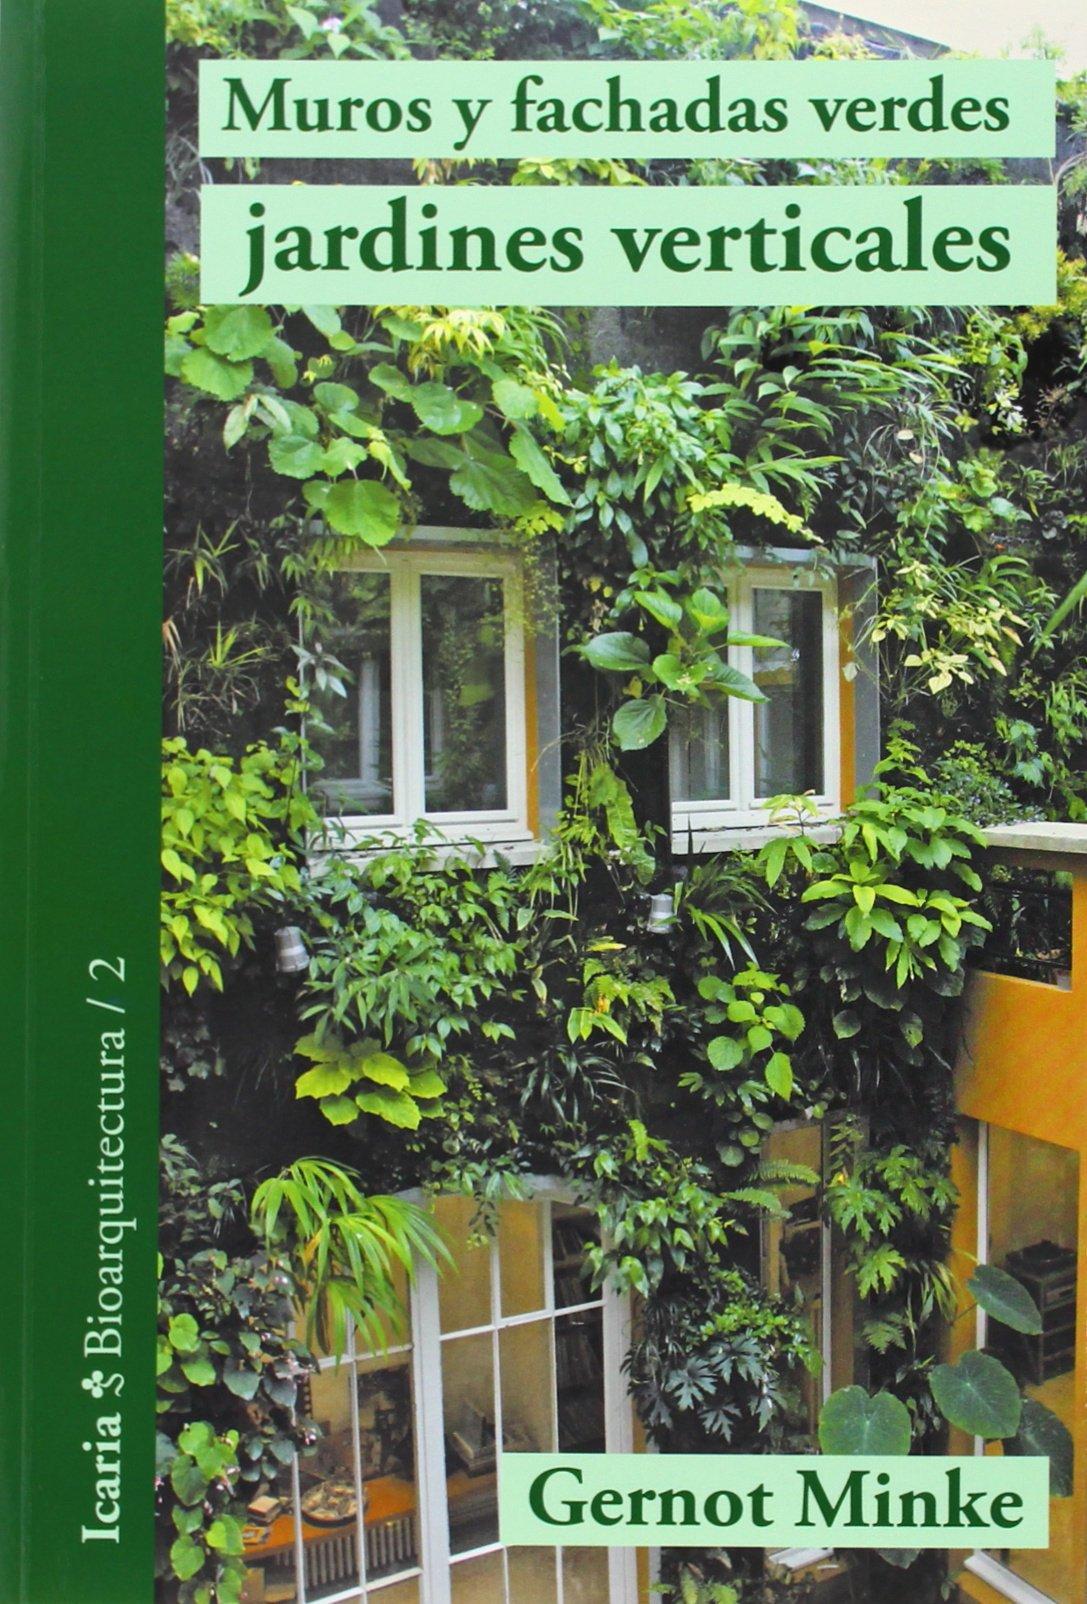 Jardines verticales plantas cool los jardines verticales - Plantas para jardines verticales ...